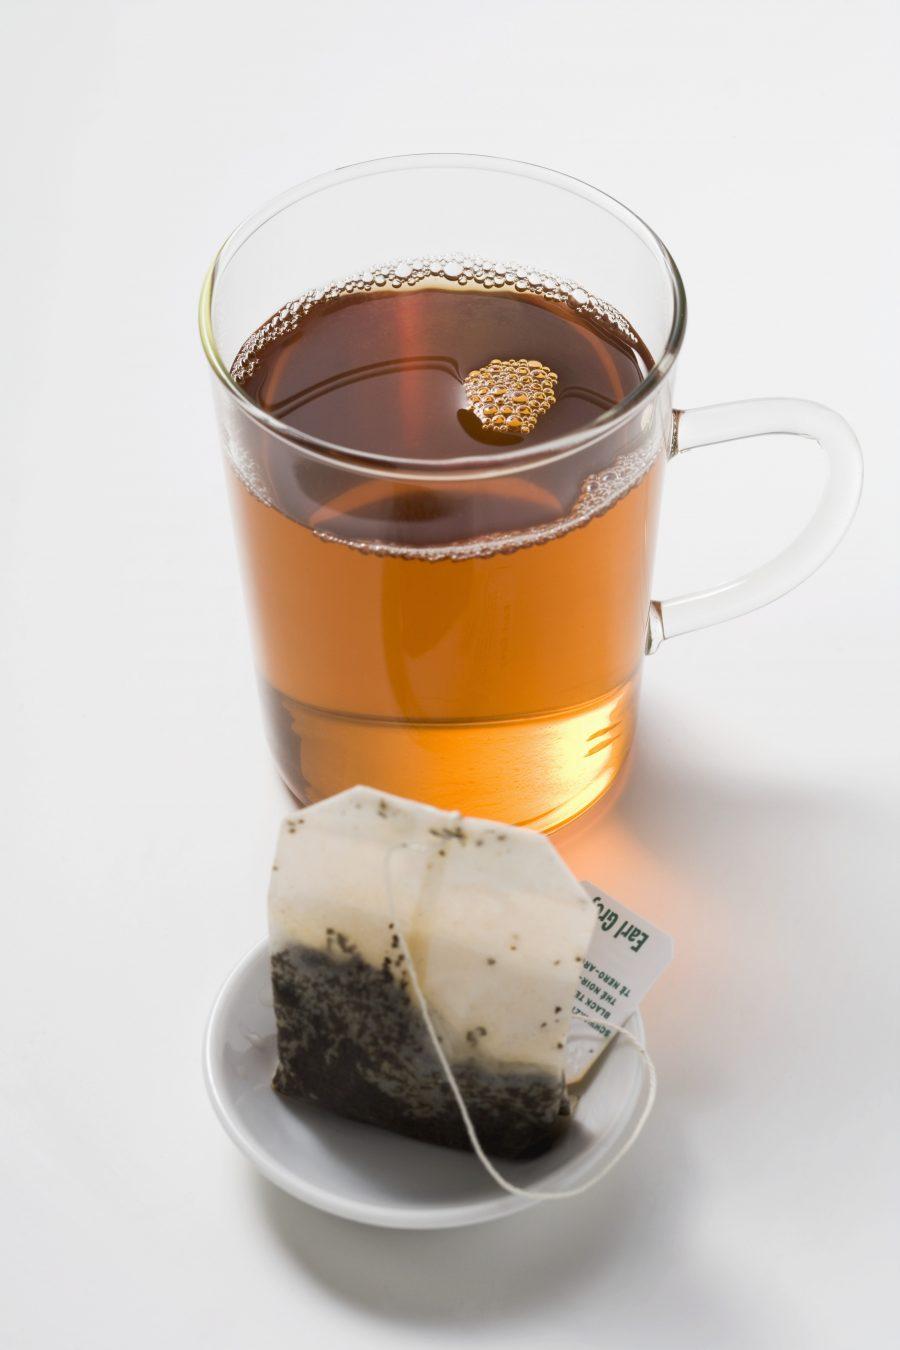 Saquinho de chá: novo vilão ambiental (Foto: Foodcollection GesmbH)